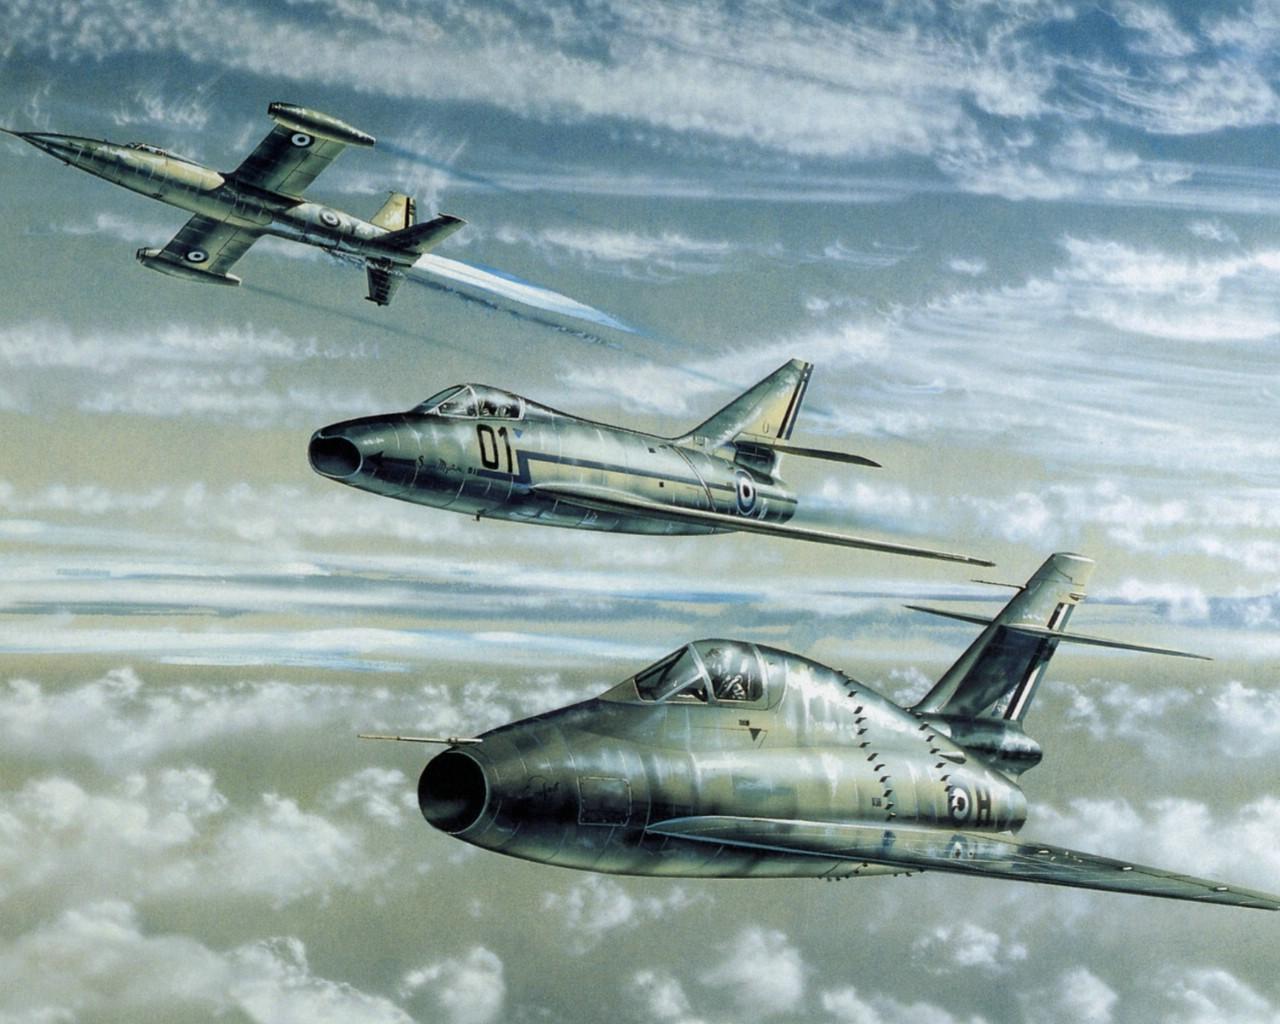 壁纸1280×1024高清晰油画式飞机壁纸壁纸 高清晰油画式飞机壁纸壁纸图片军事壁纸军事图片素材桌面壁纸